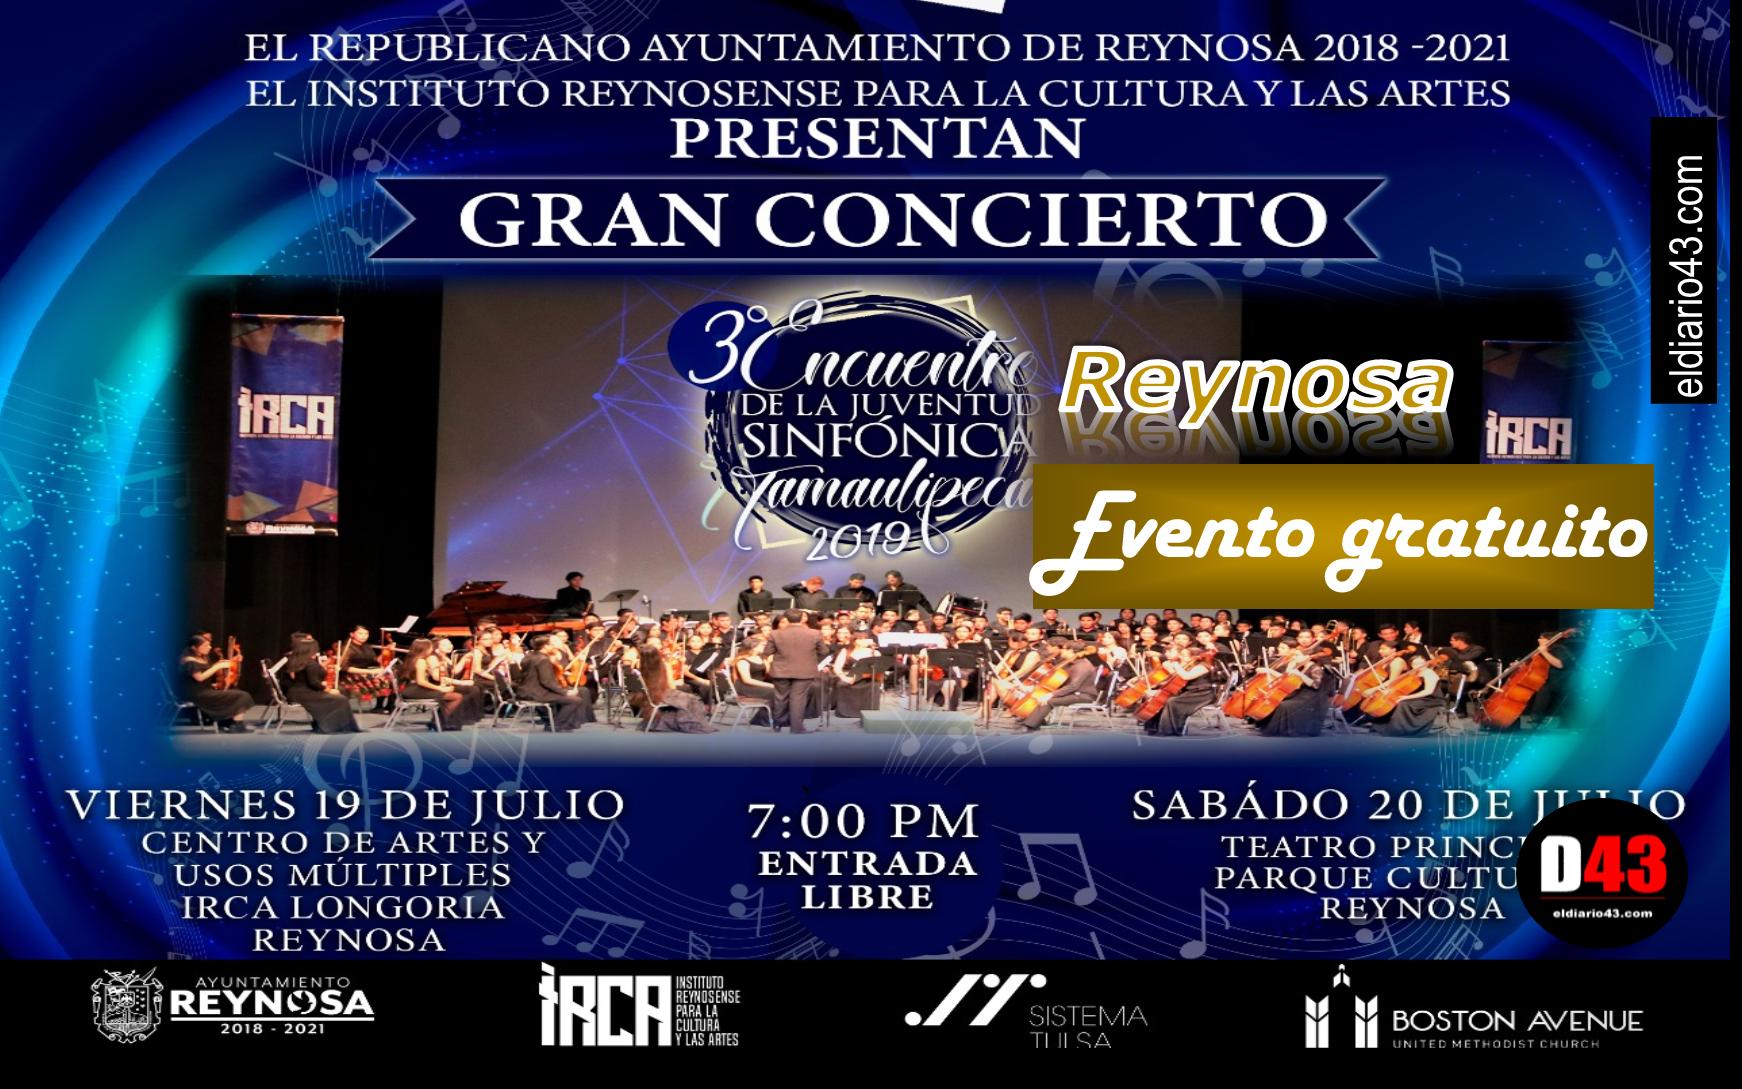 Este 19 y 20 Julio, 3er Encuentro de la Juventud Sinfónica Tamaulipeca